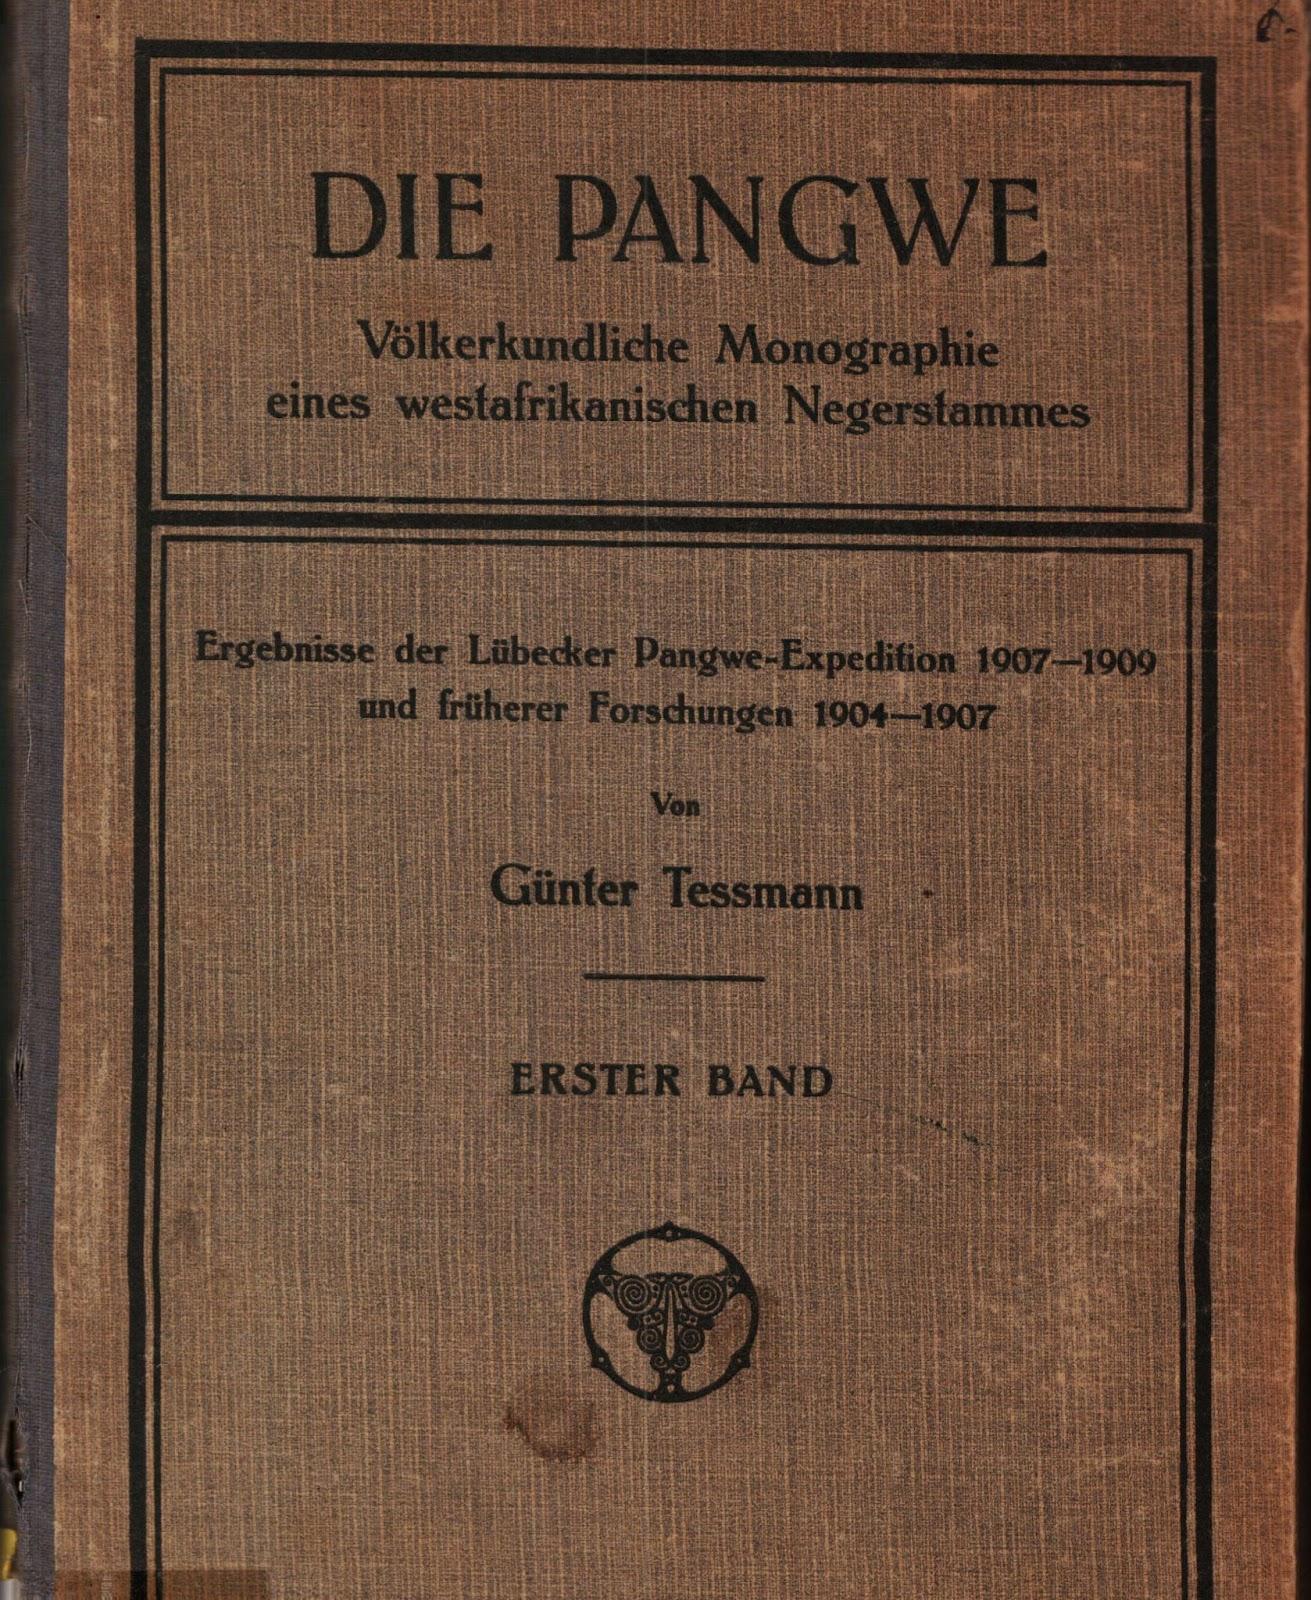 Günther Tessmann, Die Pangwe: Völkerkundliche Monographie Eines ...